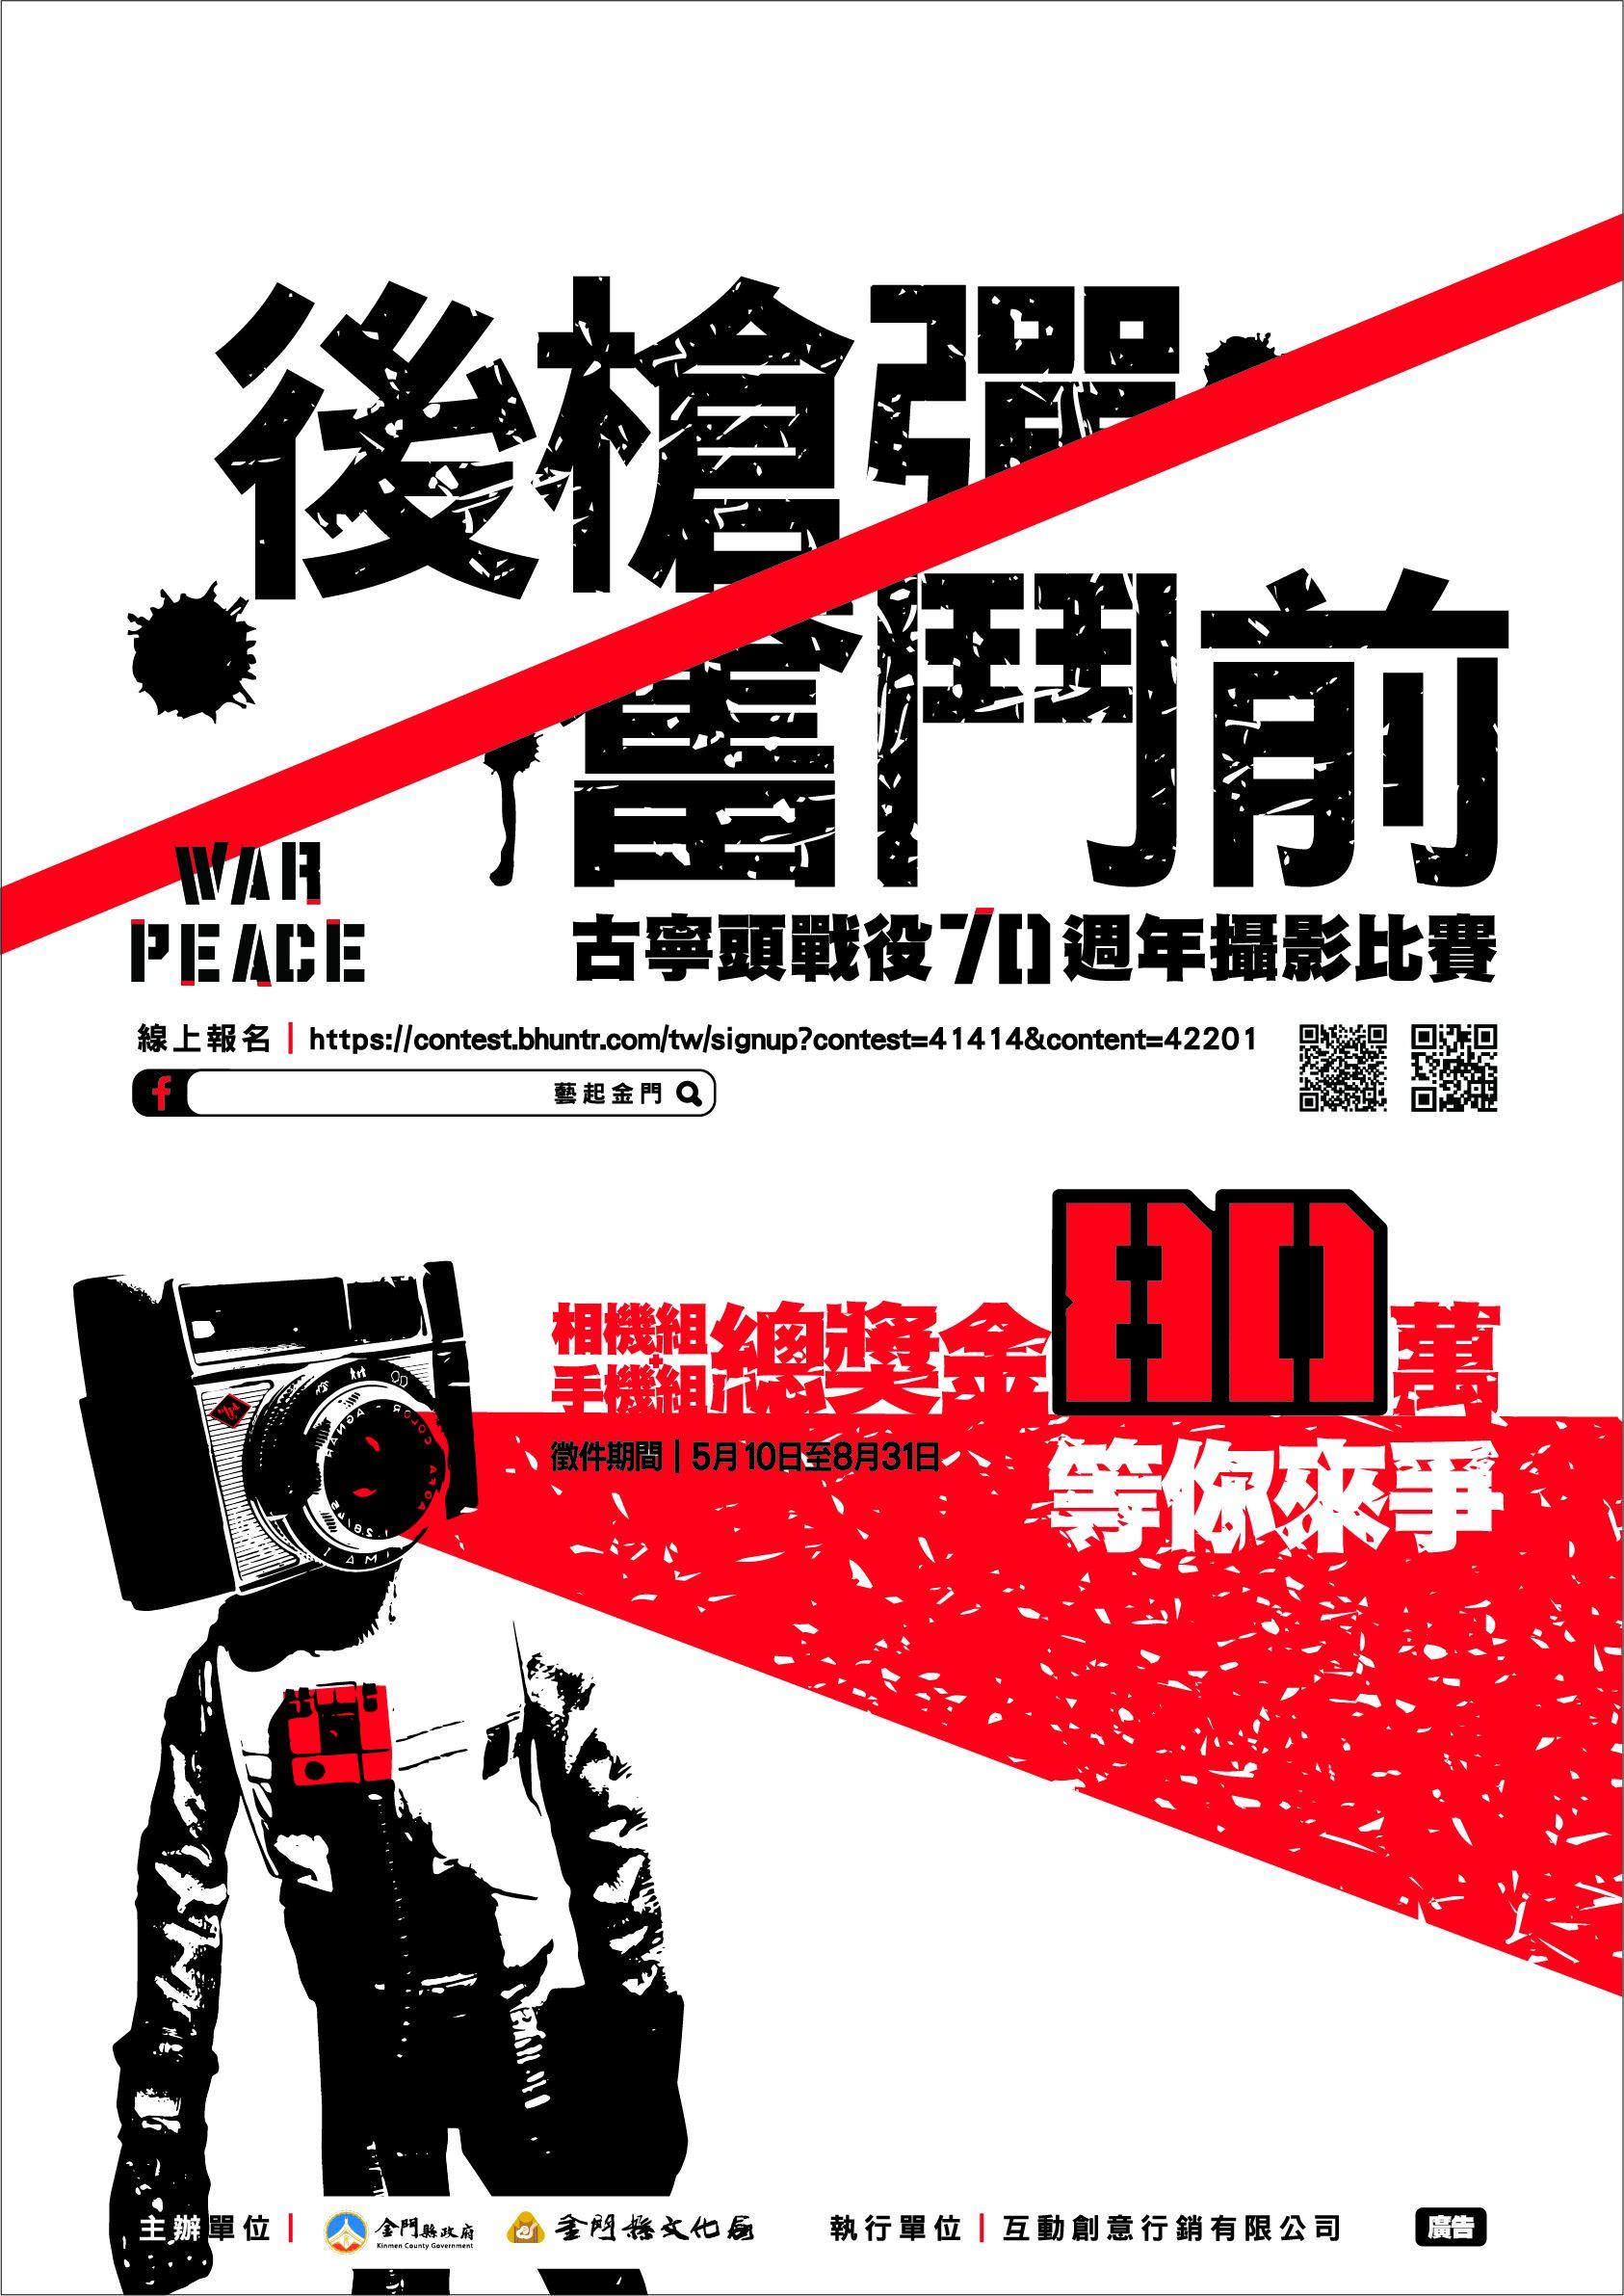 「戰爭•和平」攝影比賽徵件海報